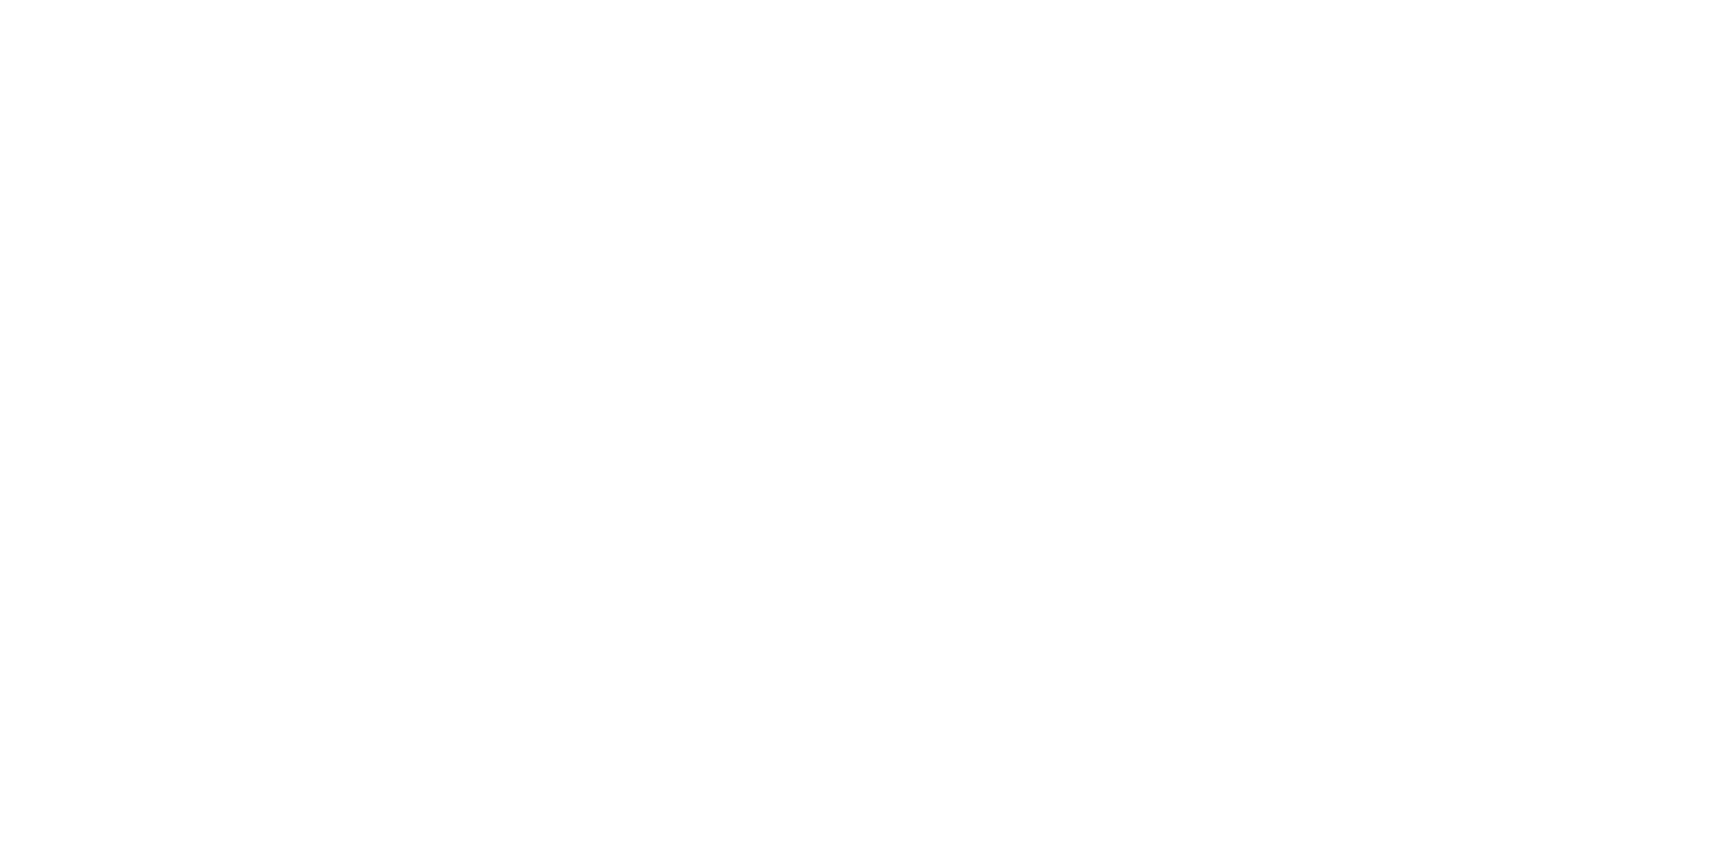 鳥海山頂美術館